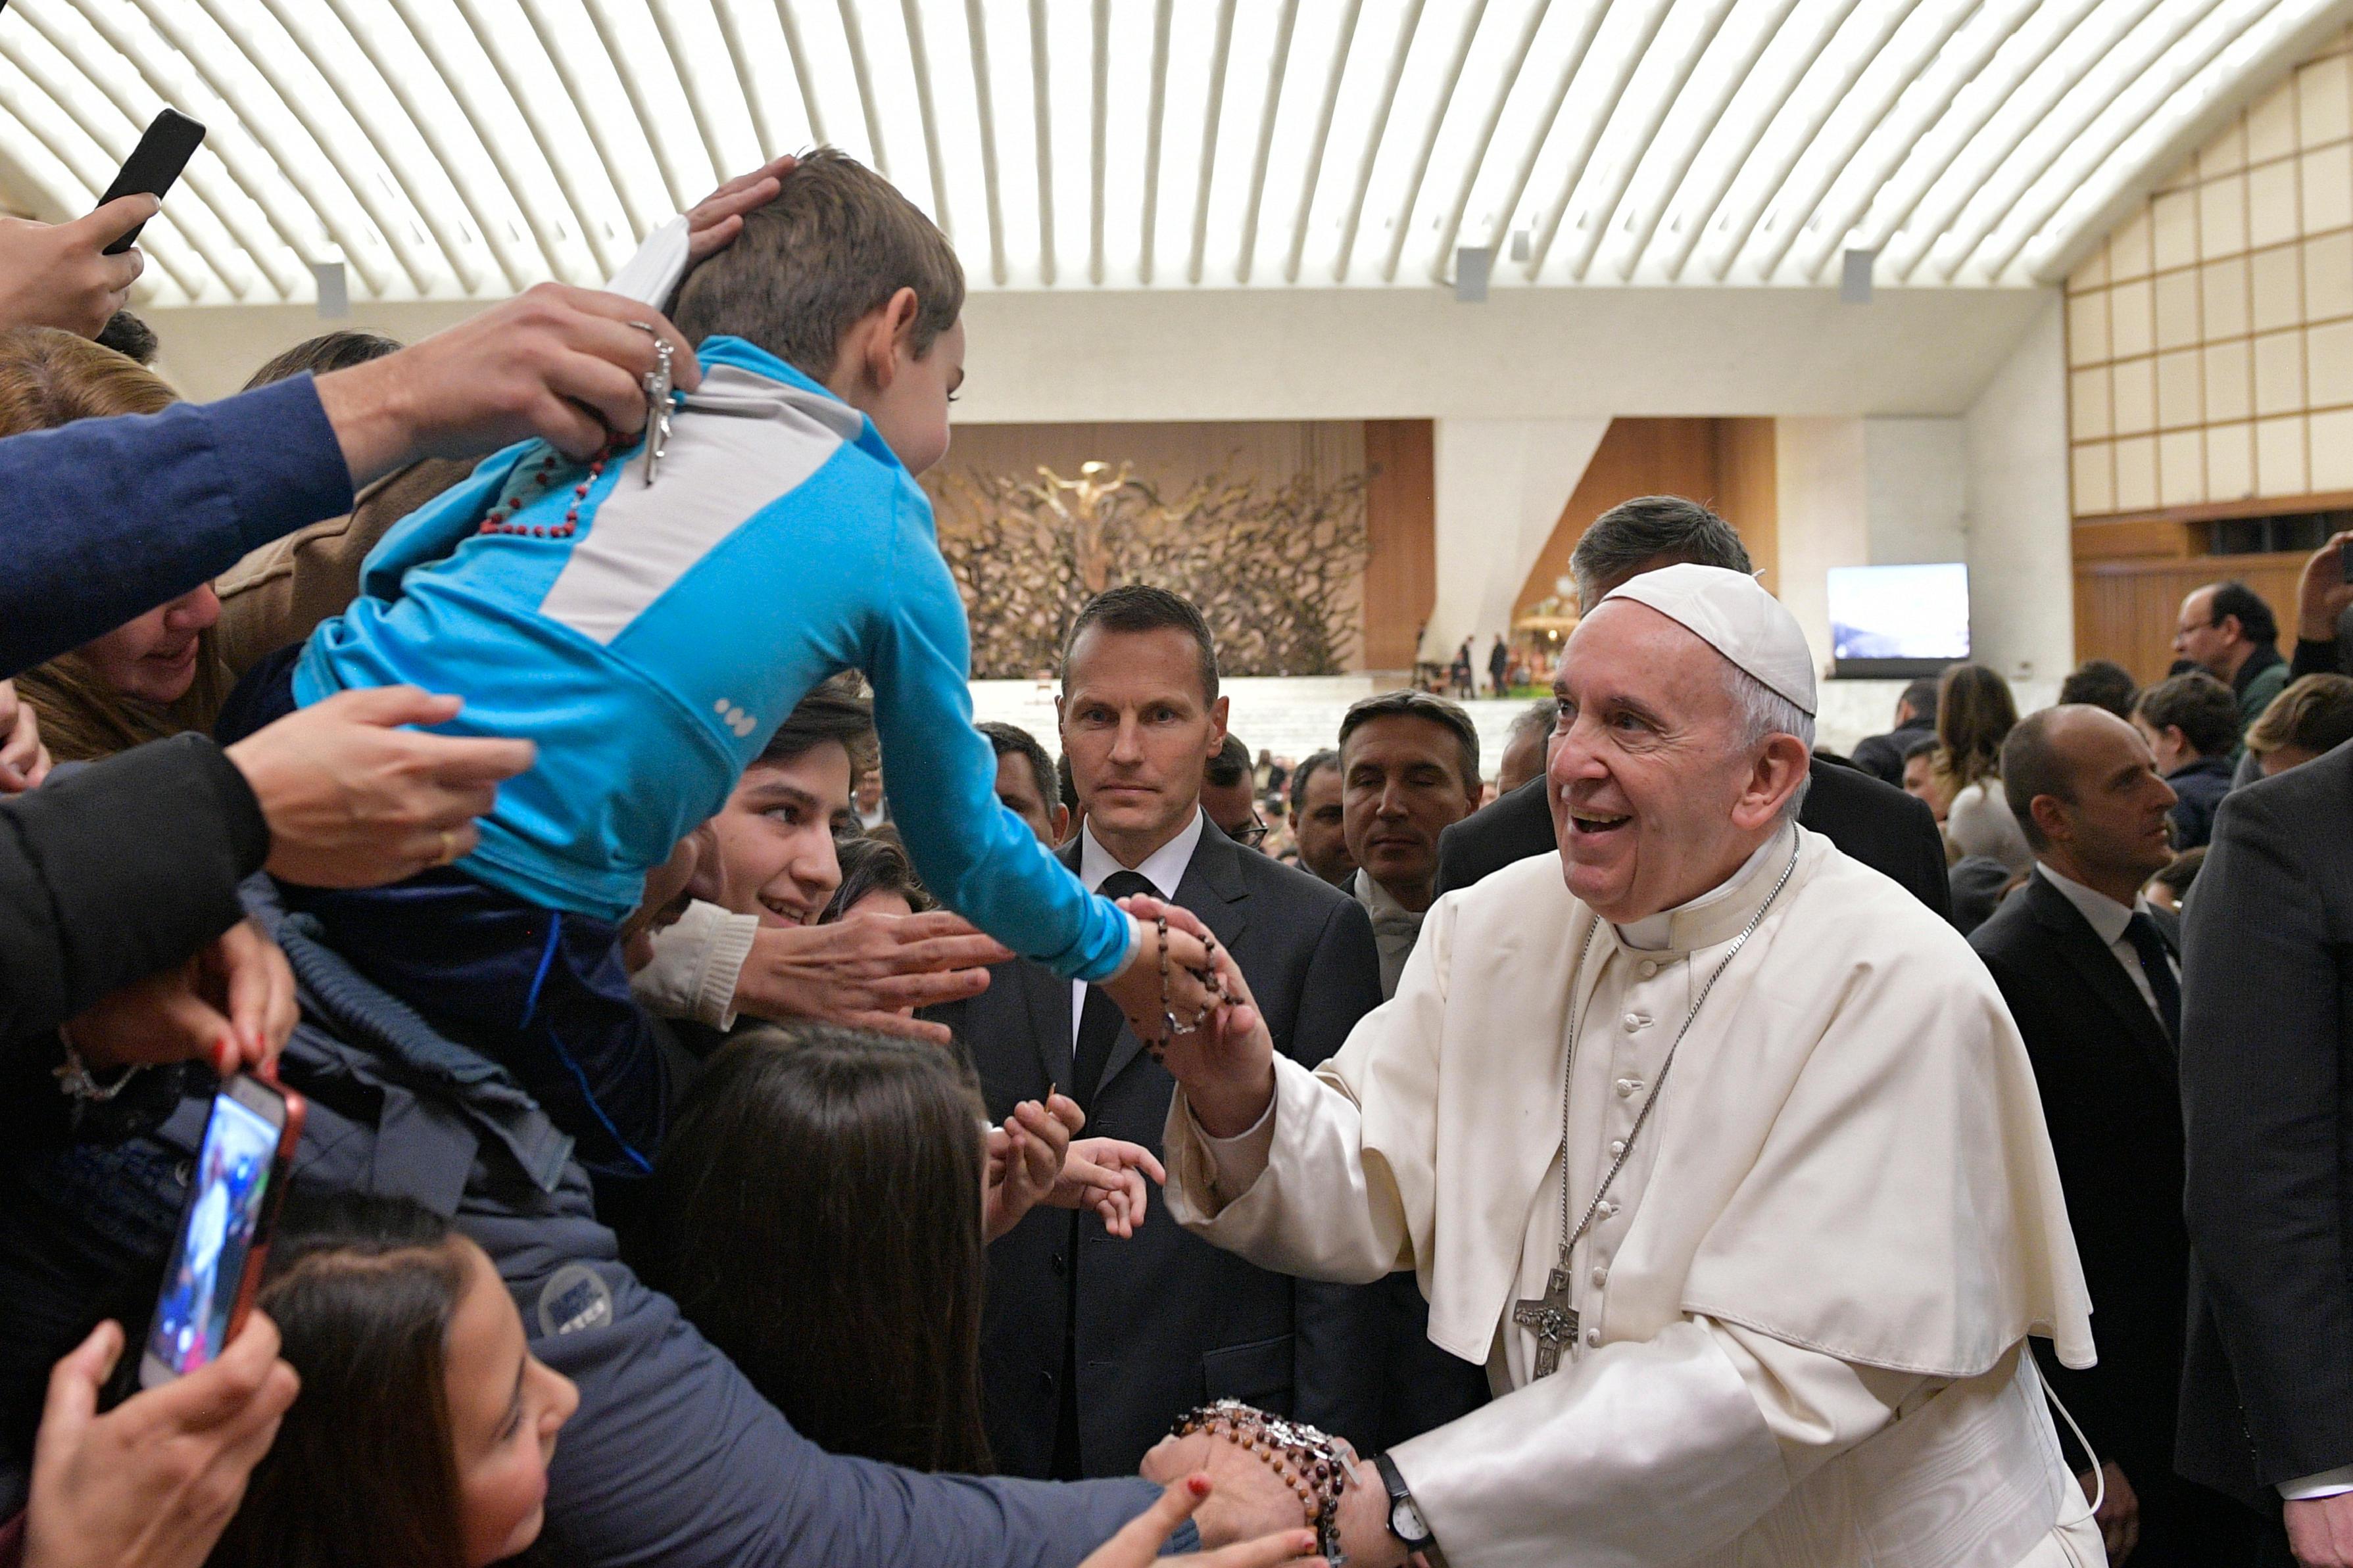 Audiencia general, 2 enero 2019 © Vatican Media